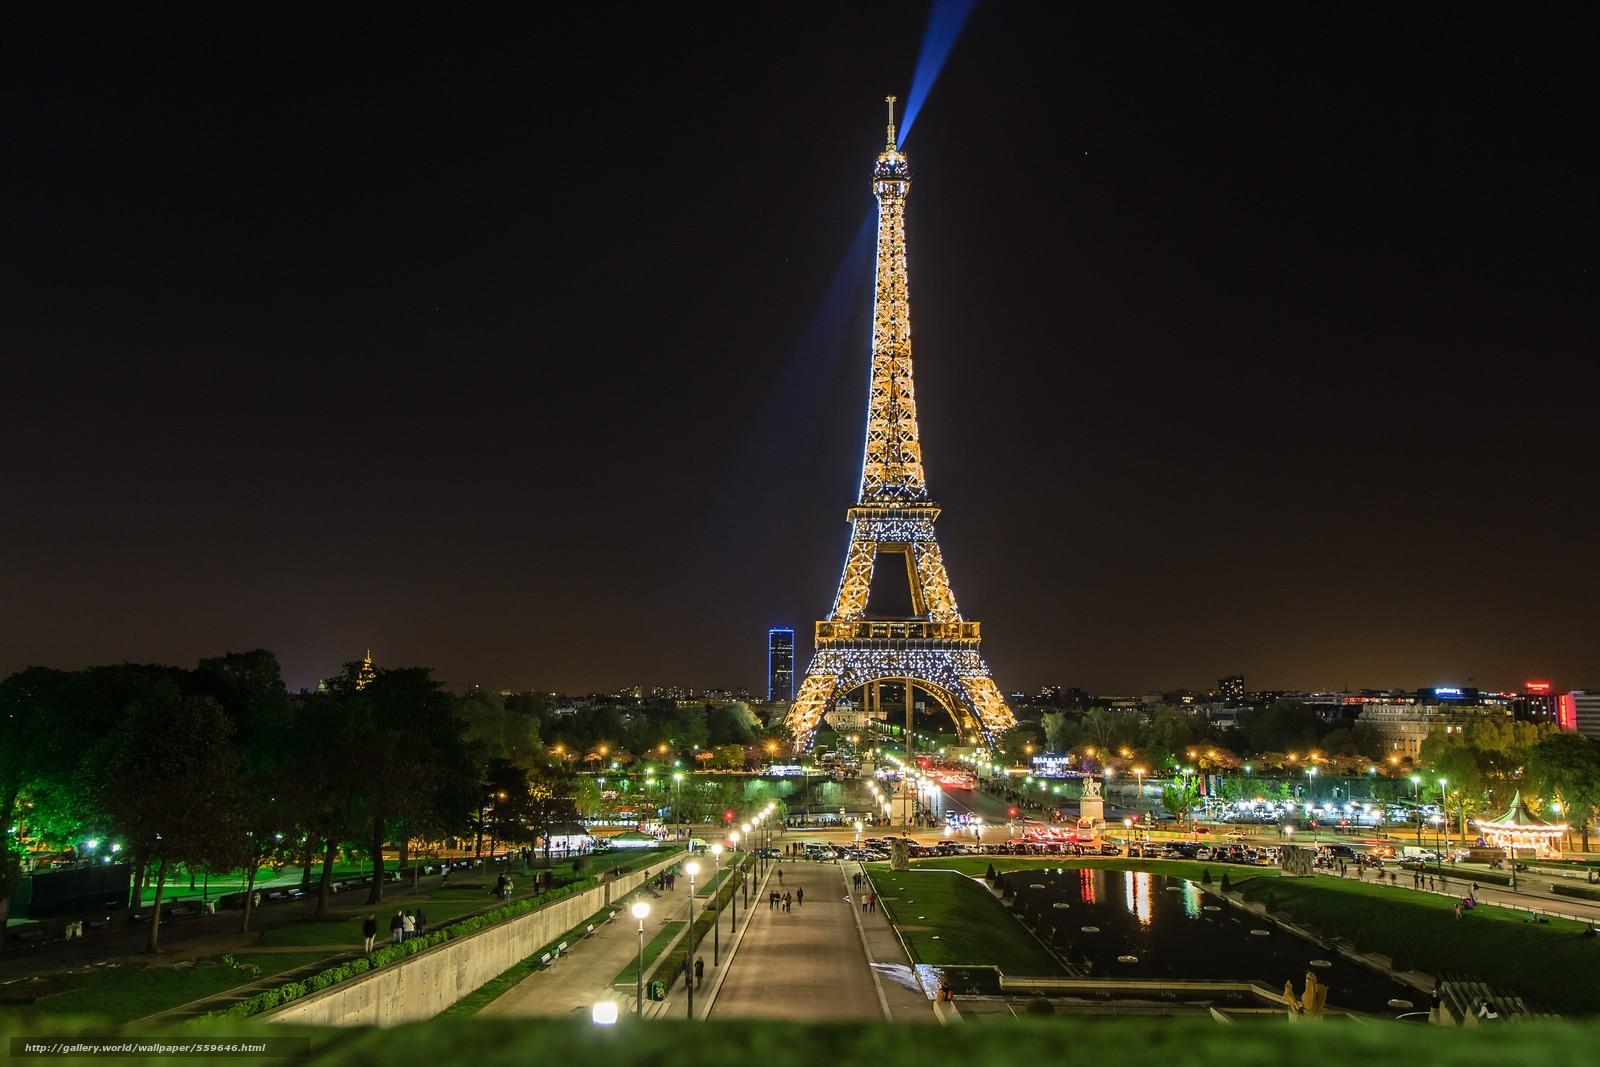 下载壁纸 艾菲尔铁塔, 巴黎, 艾菲尔铁塔, 巴黎 免费为您的桌面分辨率